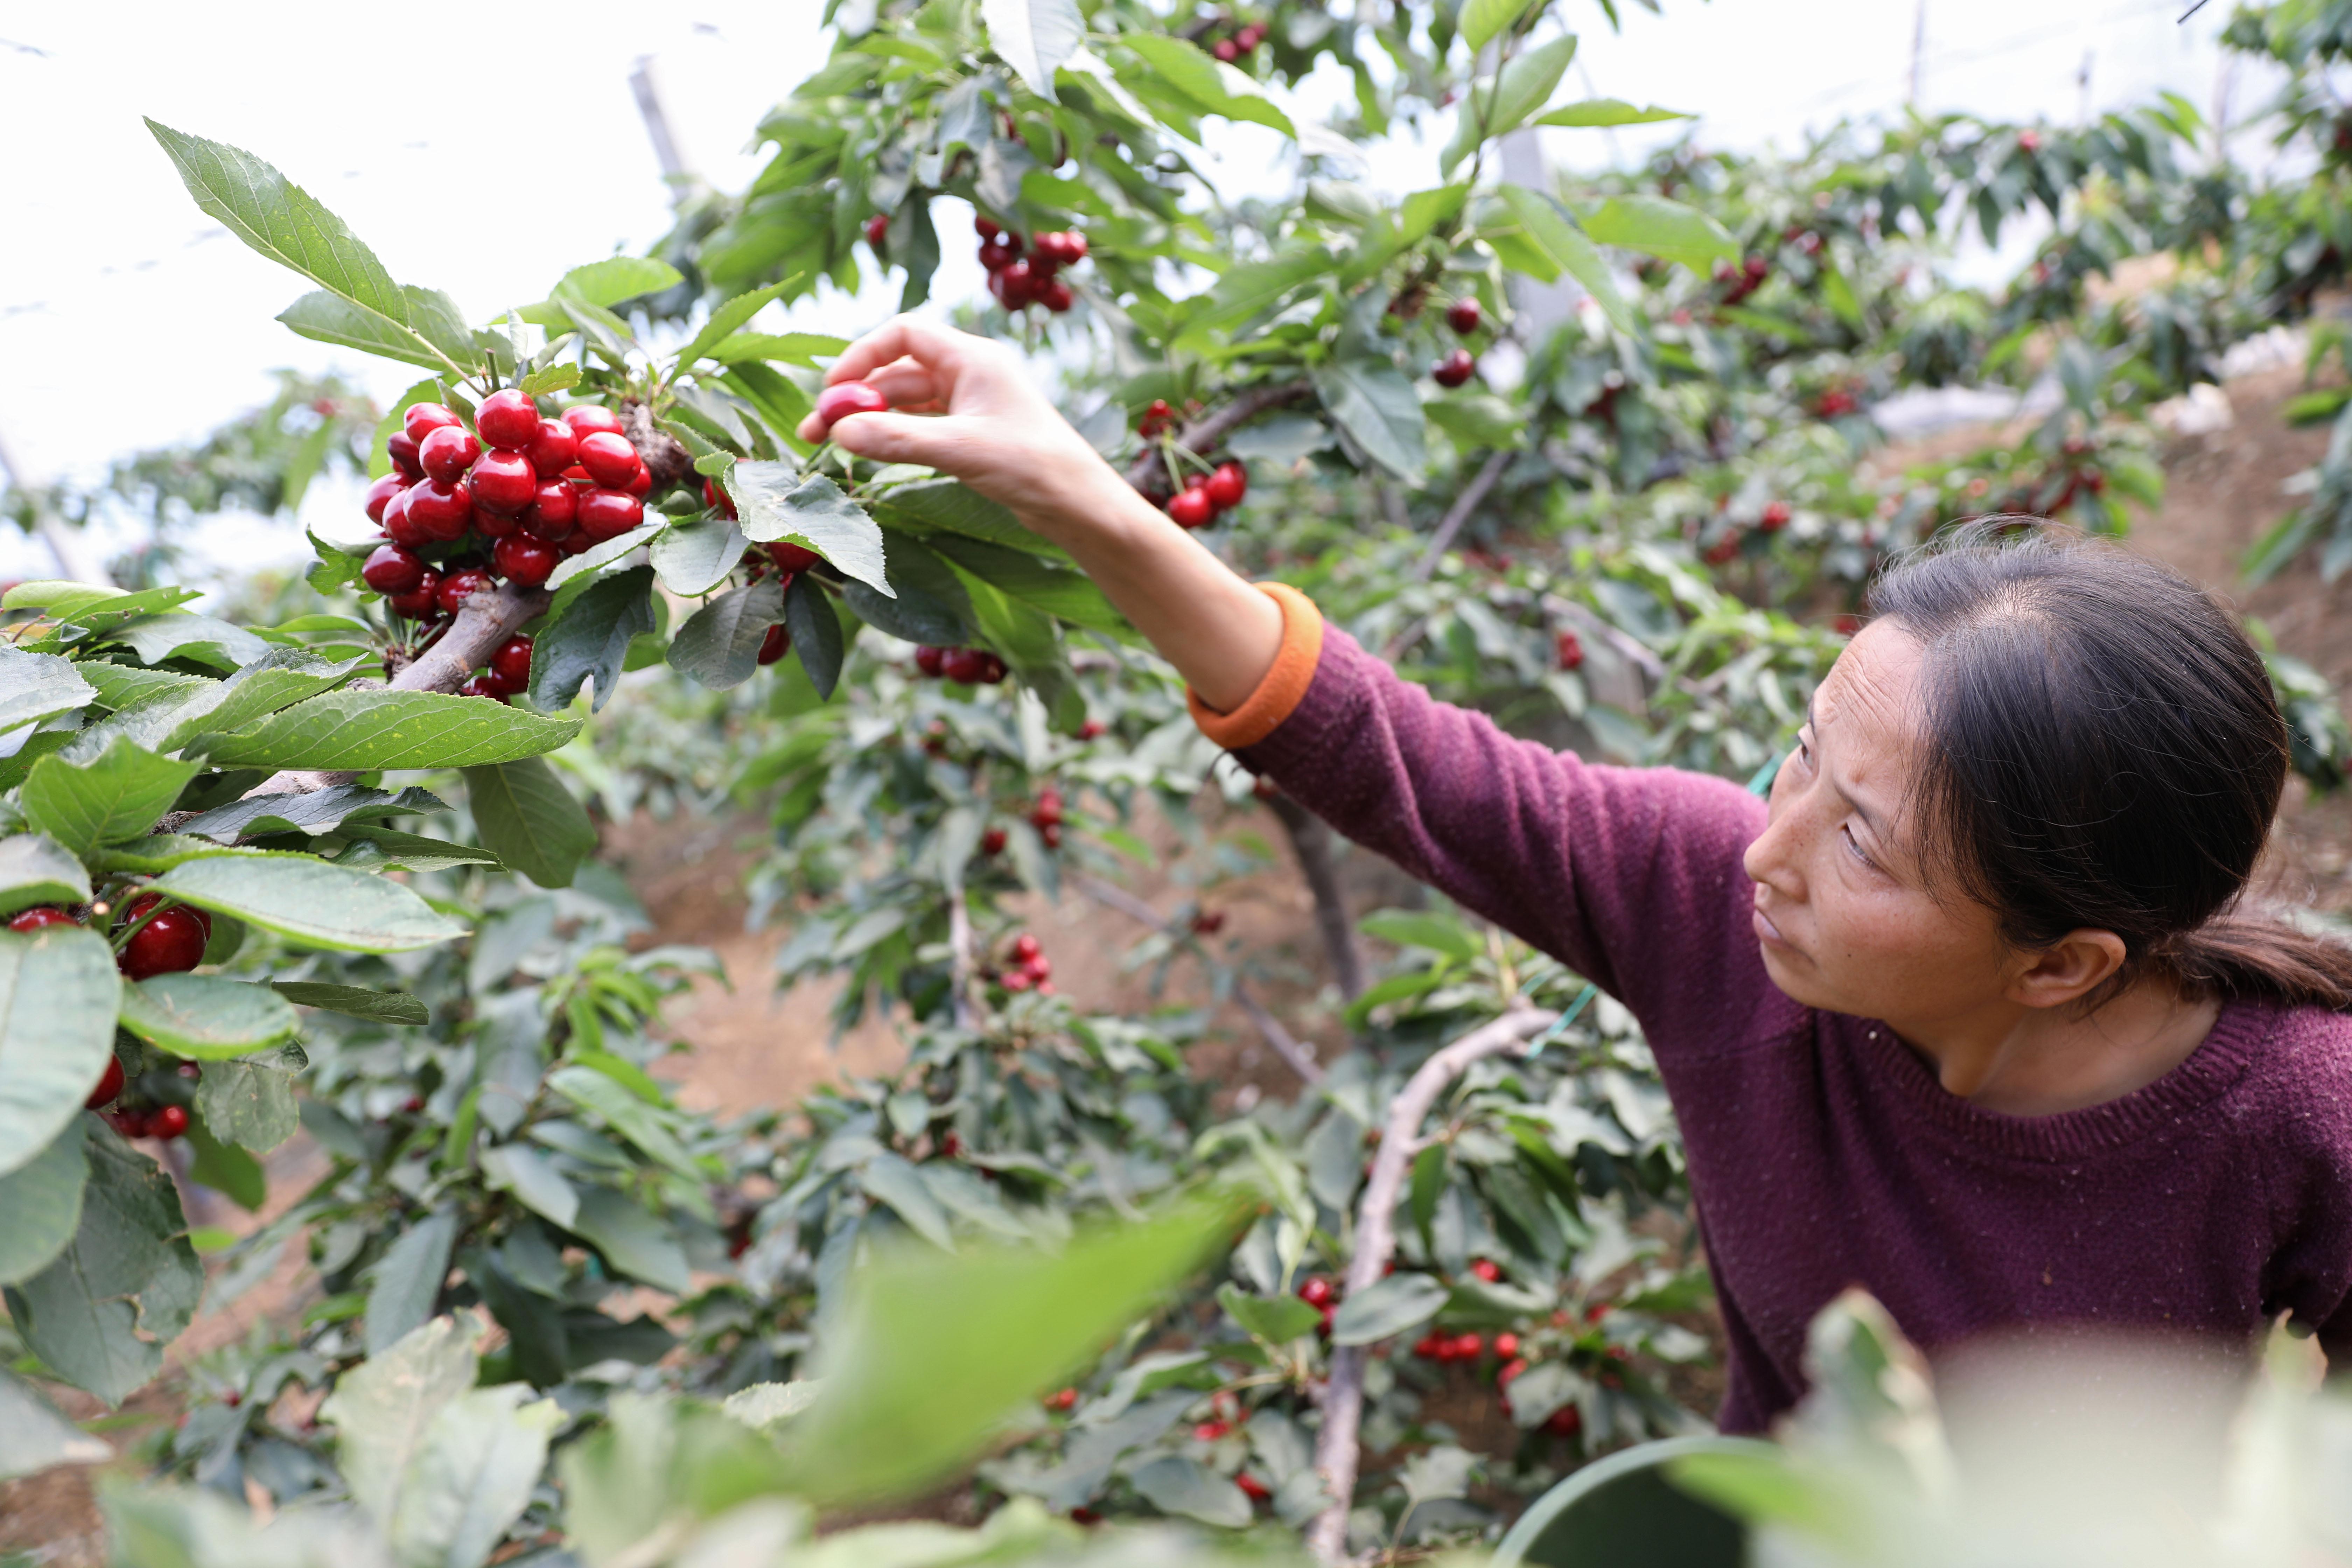 サクランボが収穫期に、新型ウイルスの損失からの復興も支援 中国・大連市